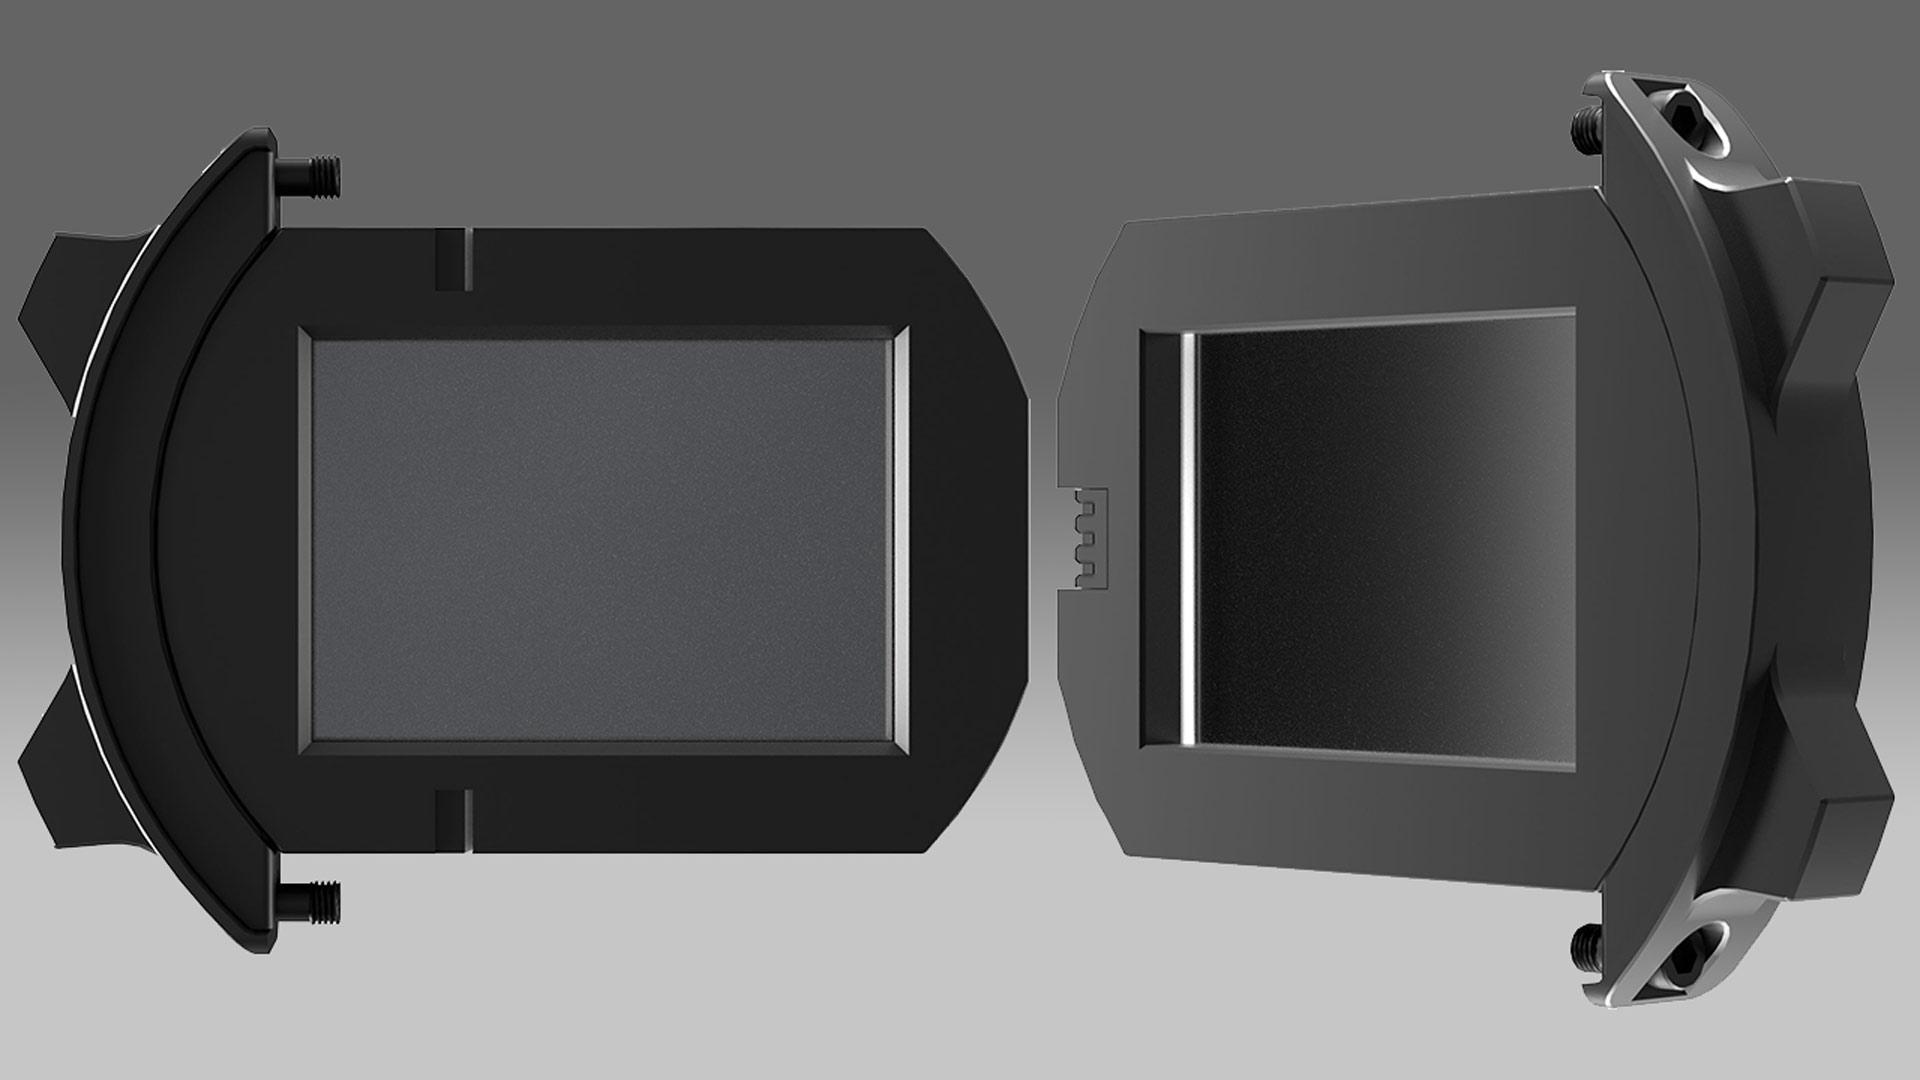 Filtro ND electrónico Z CAM para cámaras Z CAM E2 S6, F6 y F8 ya está disponible